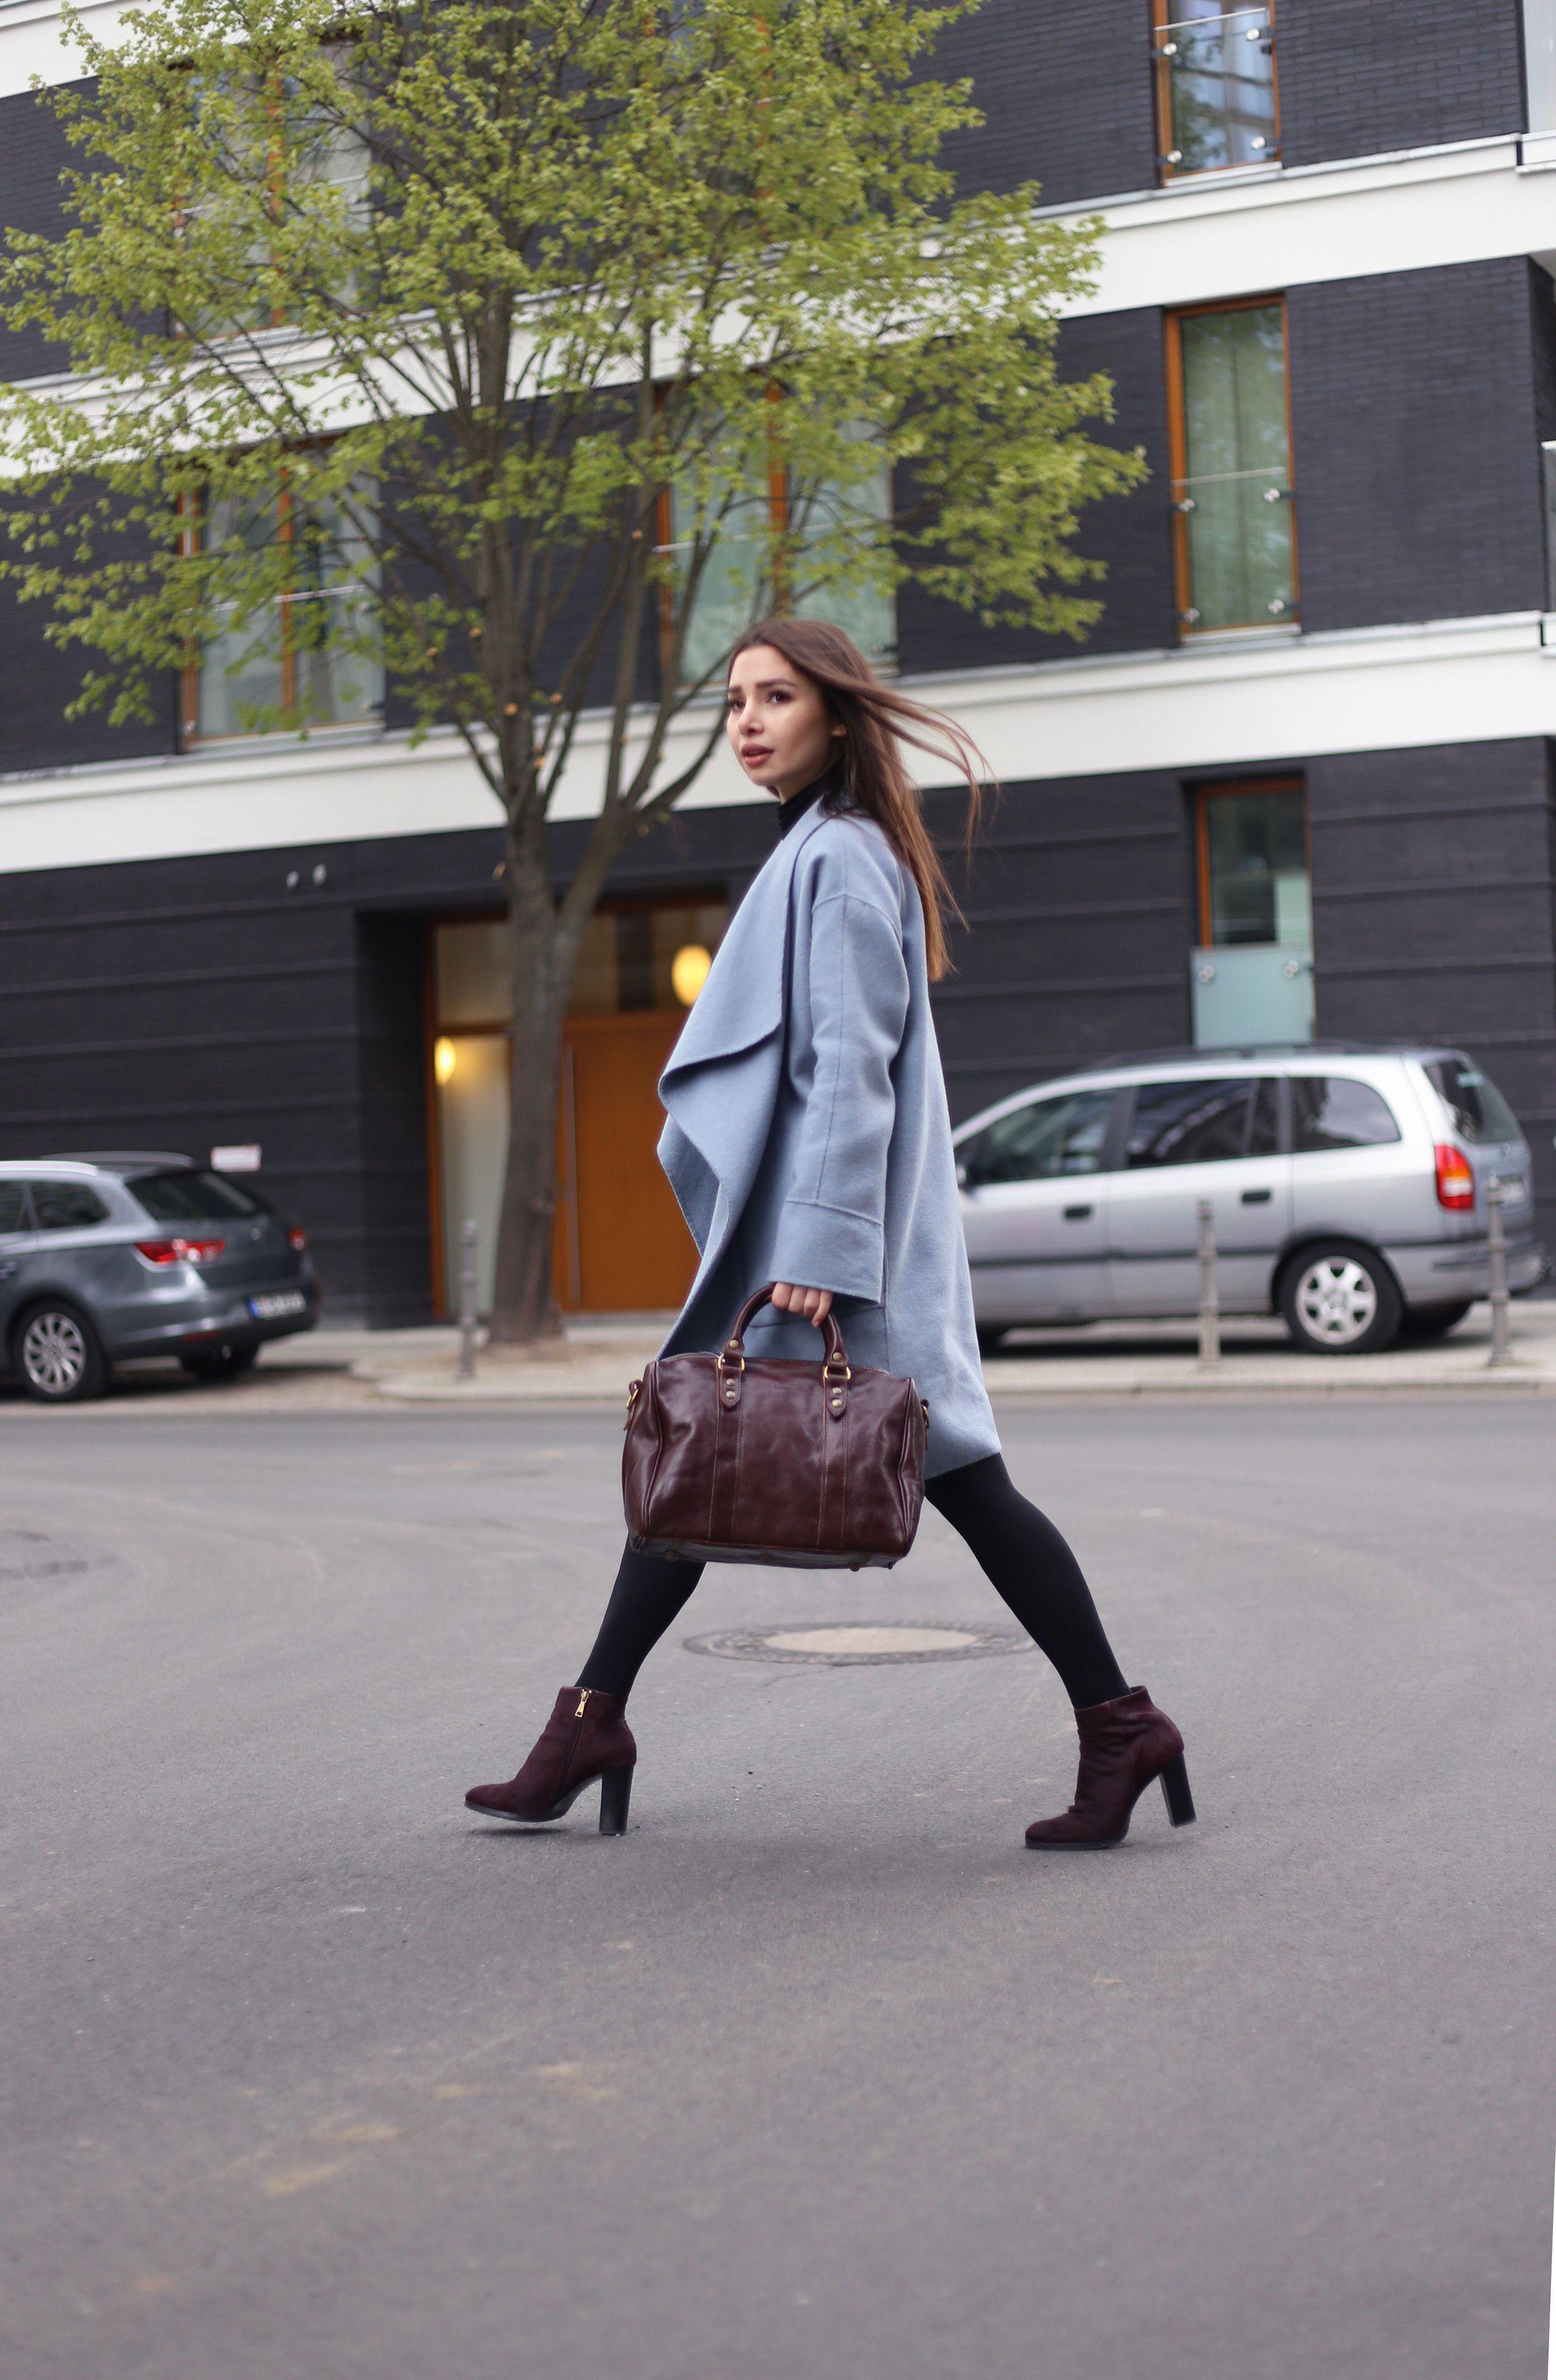 Catching #Streetstyle, catching #YOU! Richtig, brands4friends ist auf den Straßen von Berlin unterwegs und sucht euch feschen Damen und Herren! Diesmal haben wir die wunderschöne Aylin in Kreuzberg geshootet! Ein wunderschönes Pastell-Blau kombiniert zum bordeaux-braun. Wir sind total Feuer und Flamme  Und das Highlight: Die Tasche von Medici of Firenze gibt es sogar ab morgen (23.04.2017) in unserem Shop! Mehr dazu gibt es außerdem in unserem Magazin. #Streetstyle #Fashion #Model #Blogger…